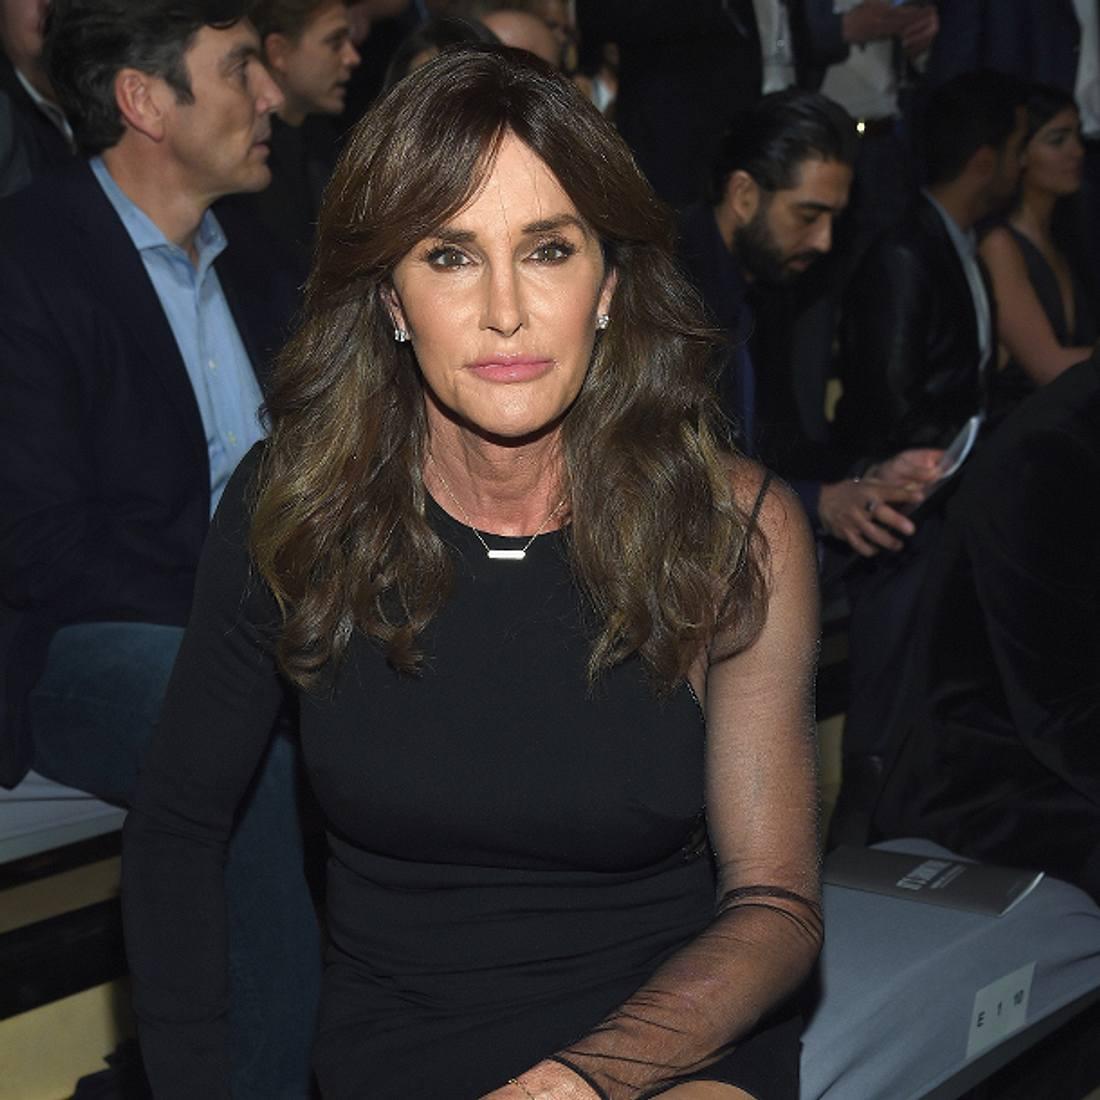 Caitlyn Jenner zweifelt ihre Entscheidung plötzlich an